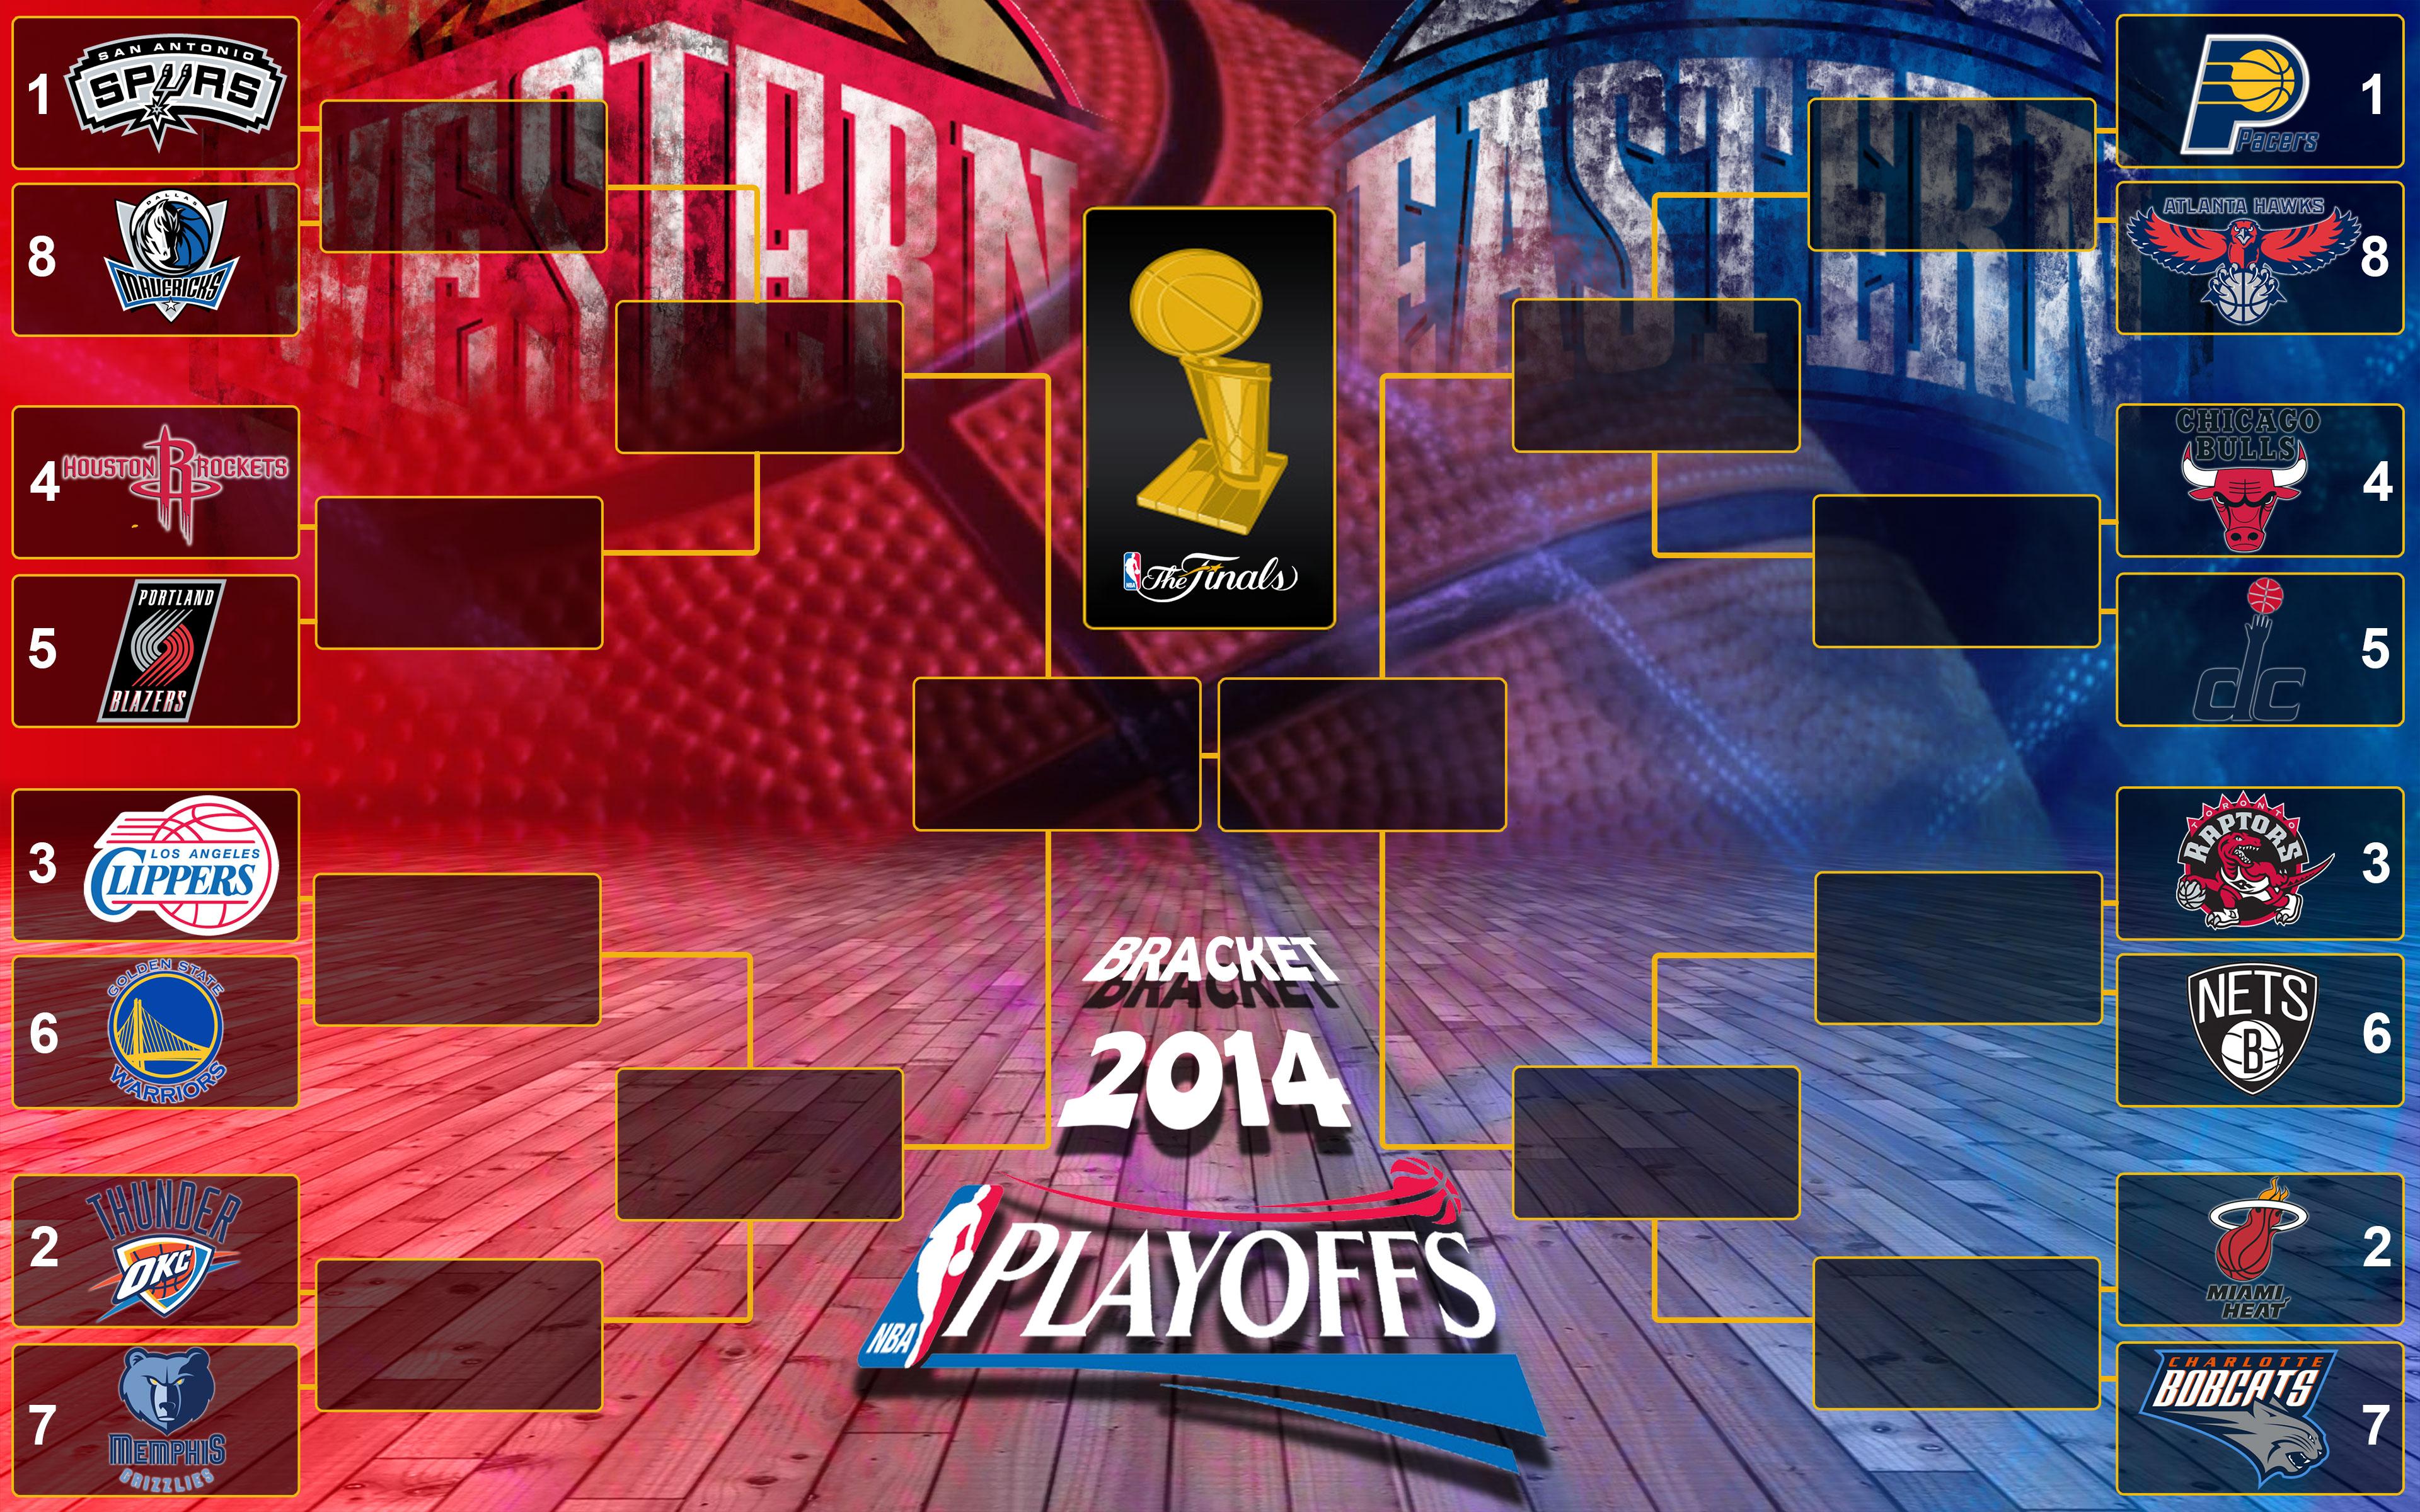 Houston TREND » 2014 NBA Playoffs